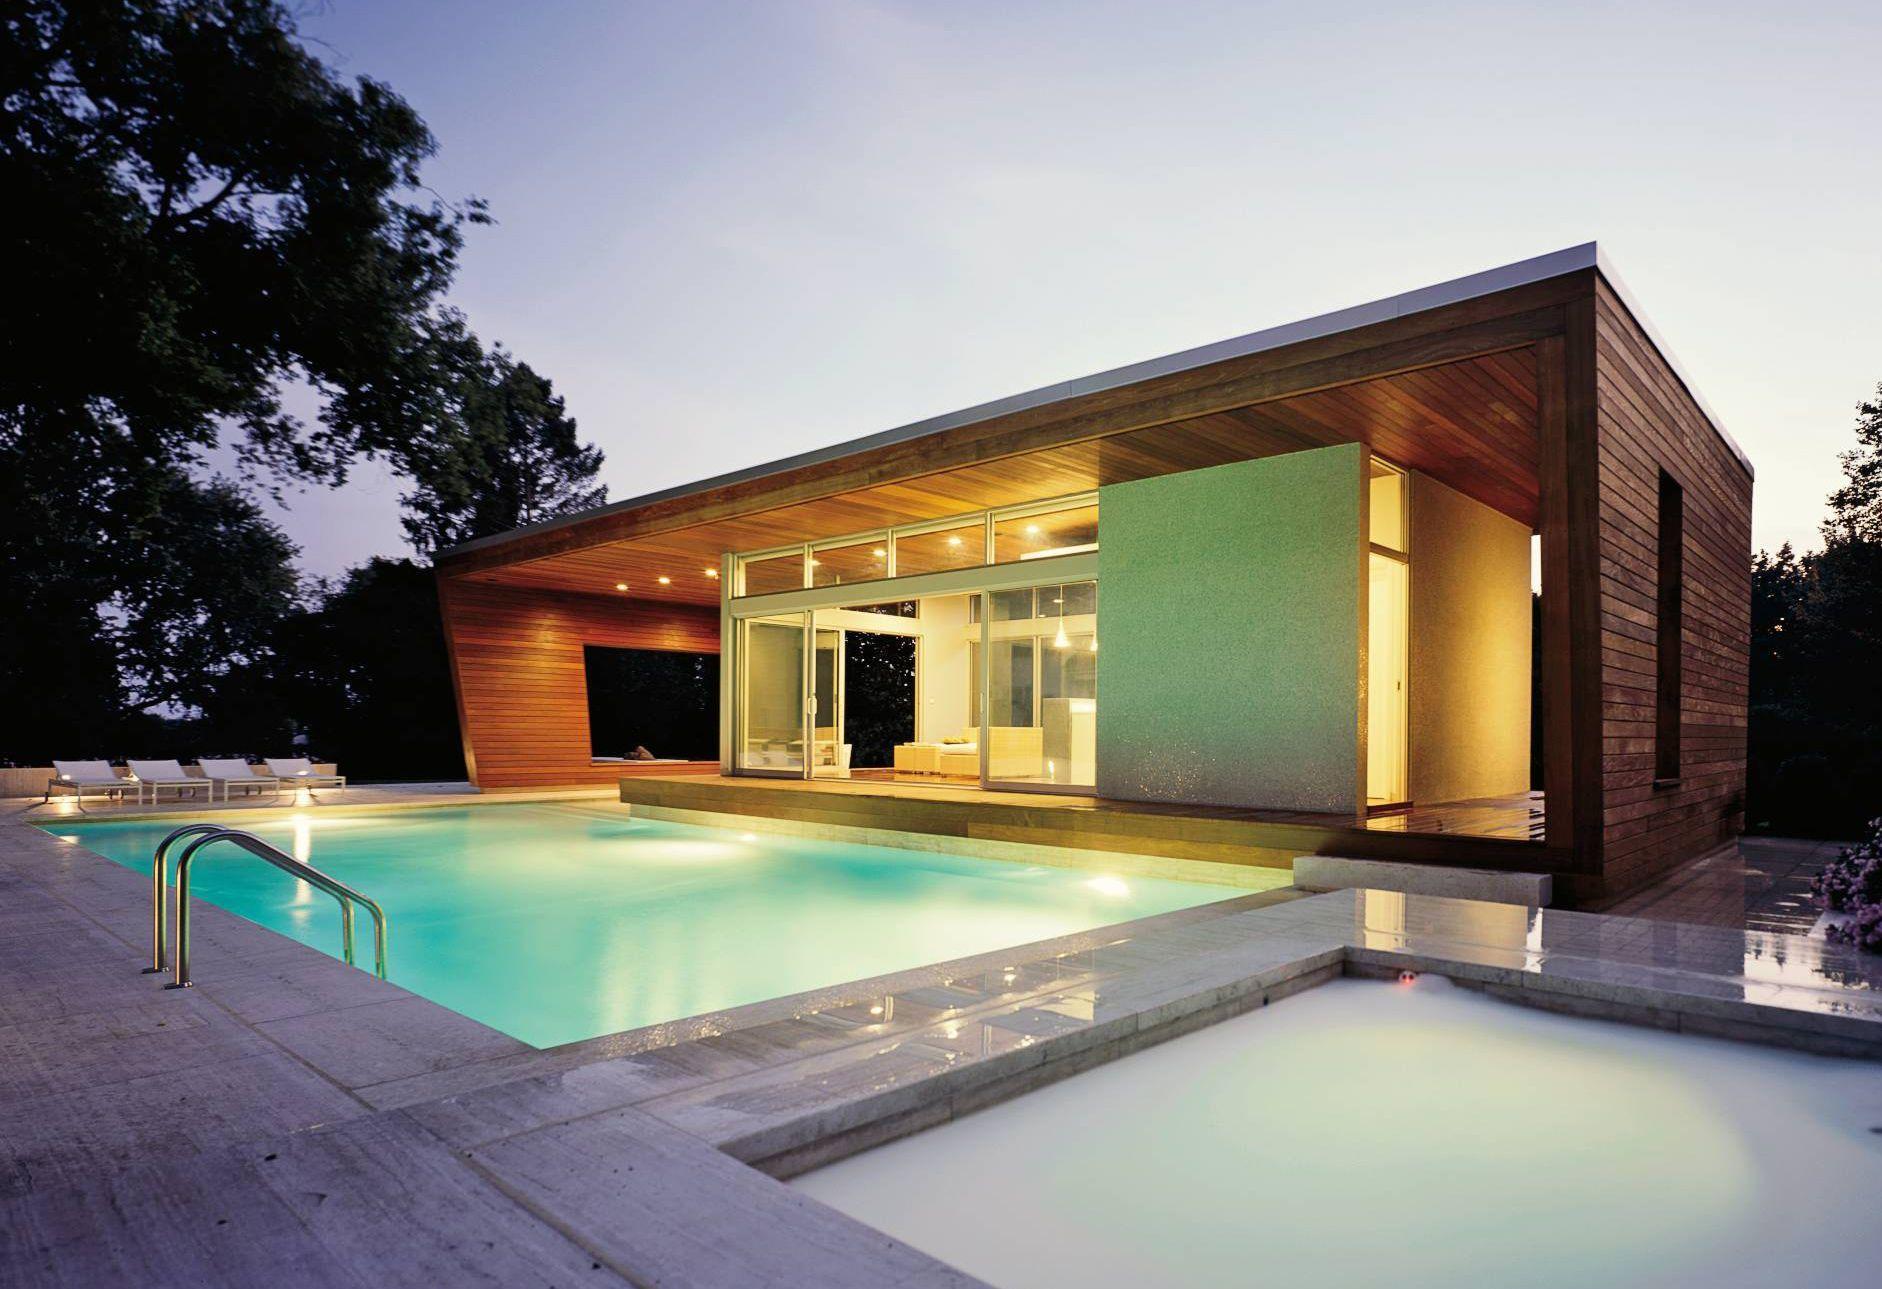 Contemporary House Plans Pool Pool Pool Designs Rectangular Swimm Plan Find Unique House Plans Home Plans Floor Plans Desain Eksterior Eksterior Desain Rumah